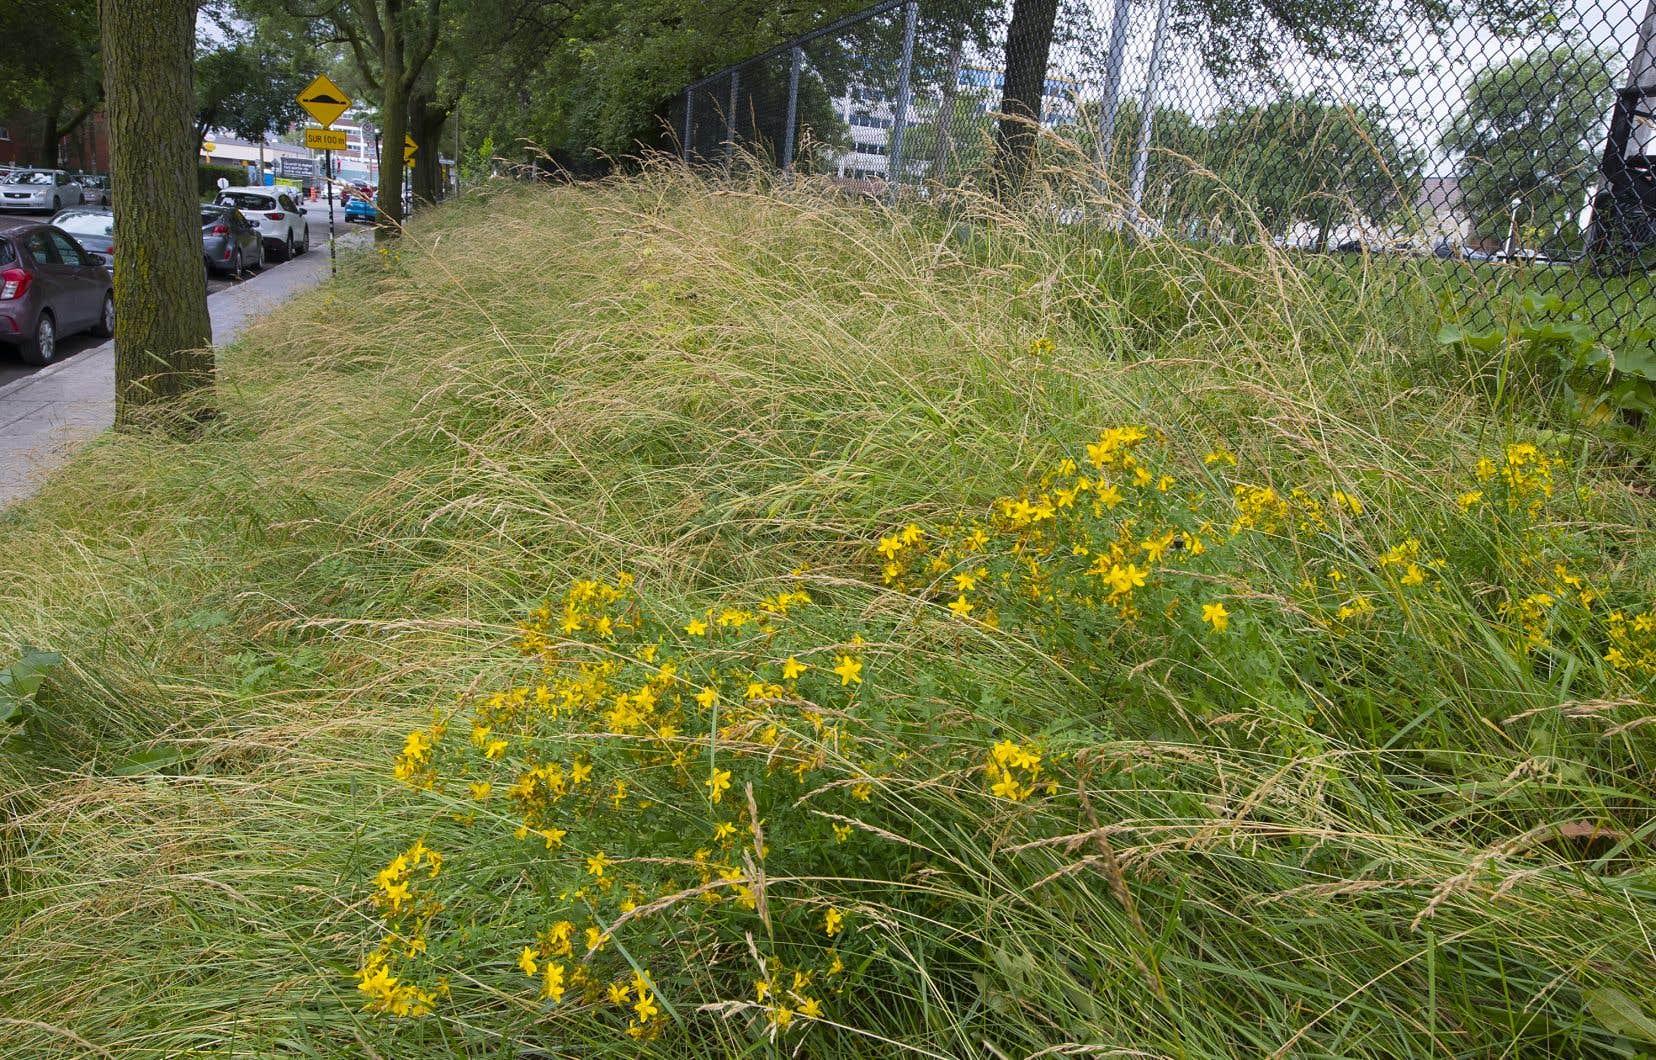 À plus long terme, la Ville de Montréal envisage d'éliminer le gazon de ses terre-pleins et de ses plates-bandes.